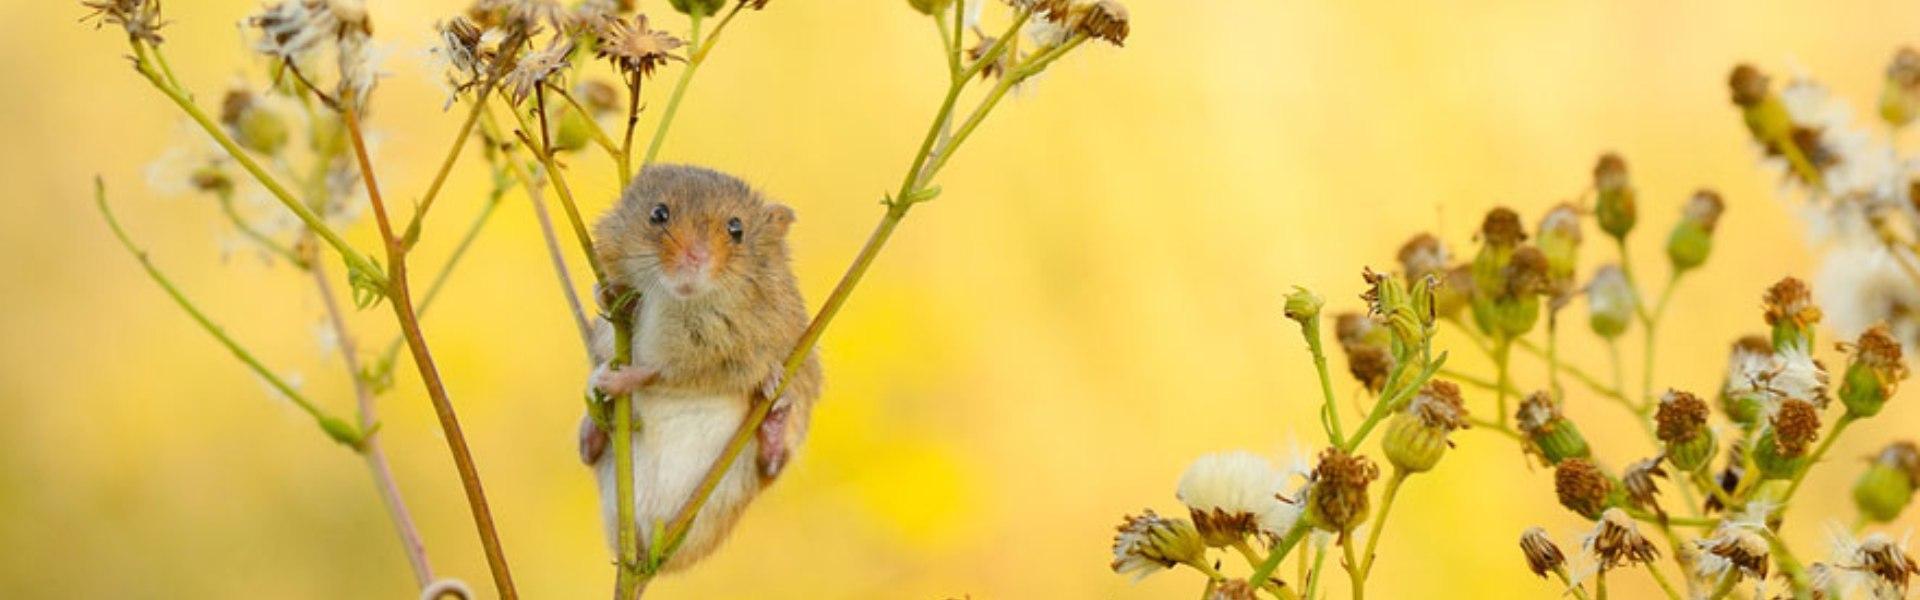 28 de imagini superbe cu şoareci de câmp surprinşi în sălbăticie